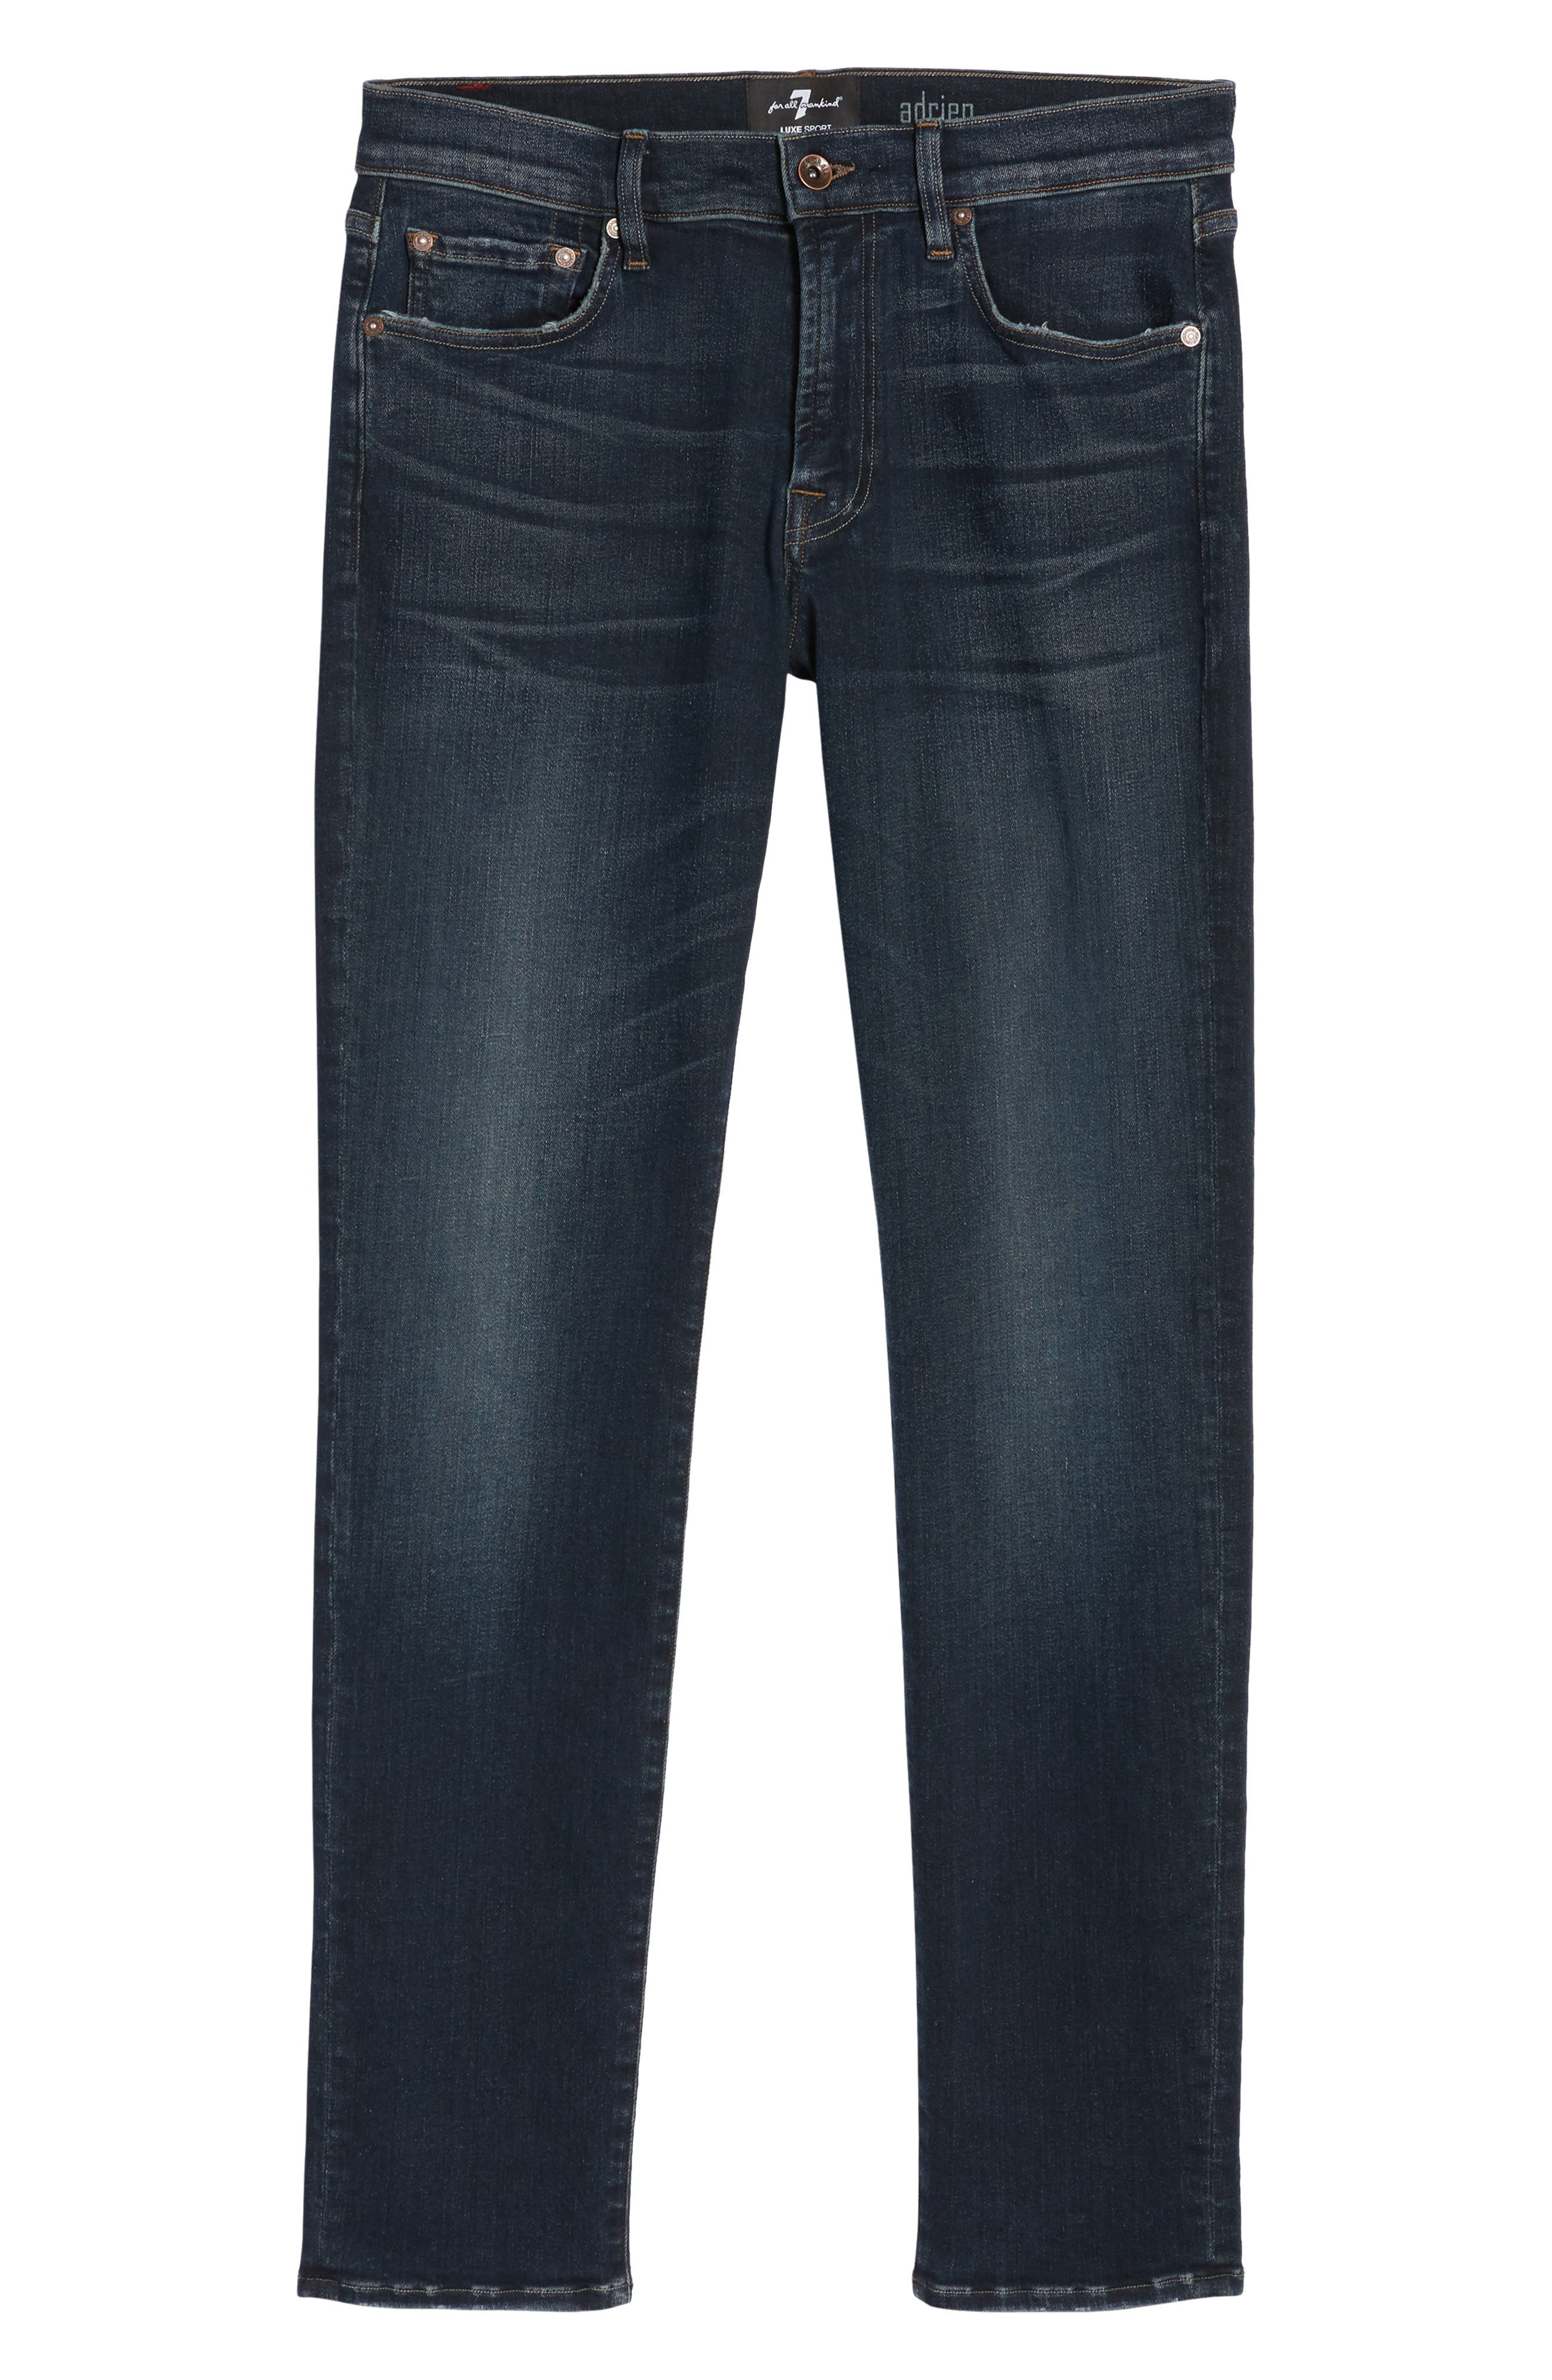 Adrien Slim Fit Jeans,                             Alternate thumbnail 6, color,